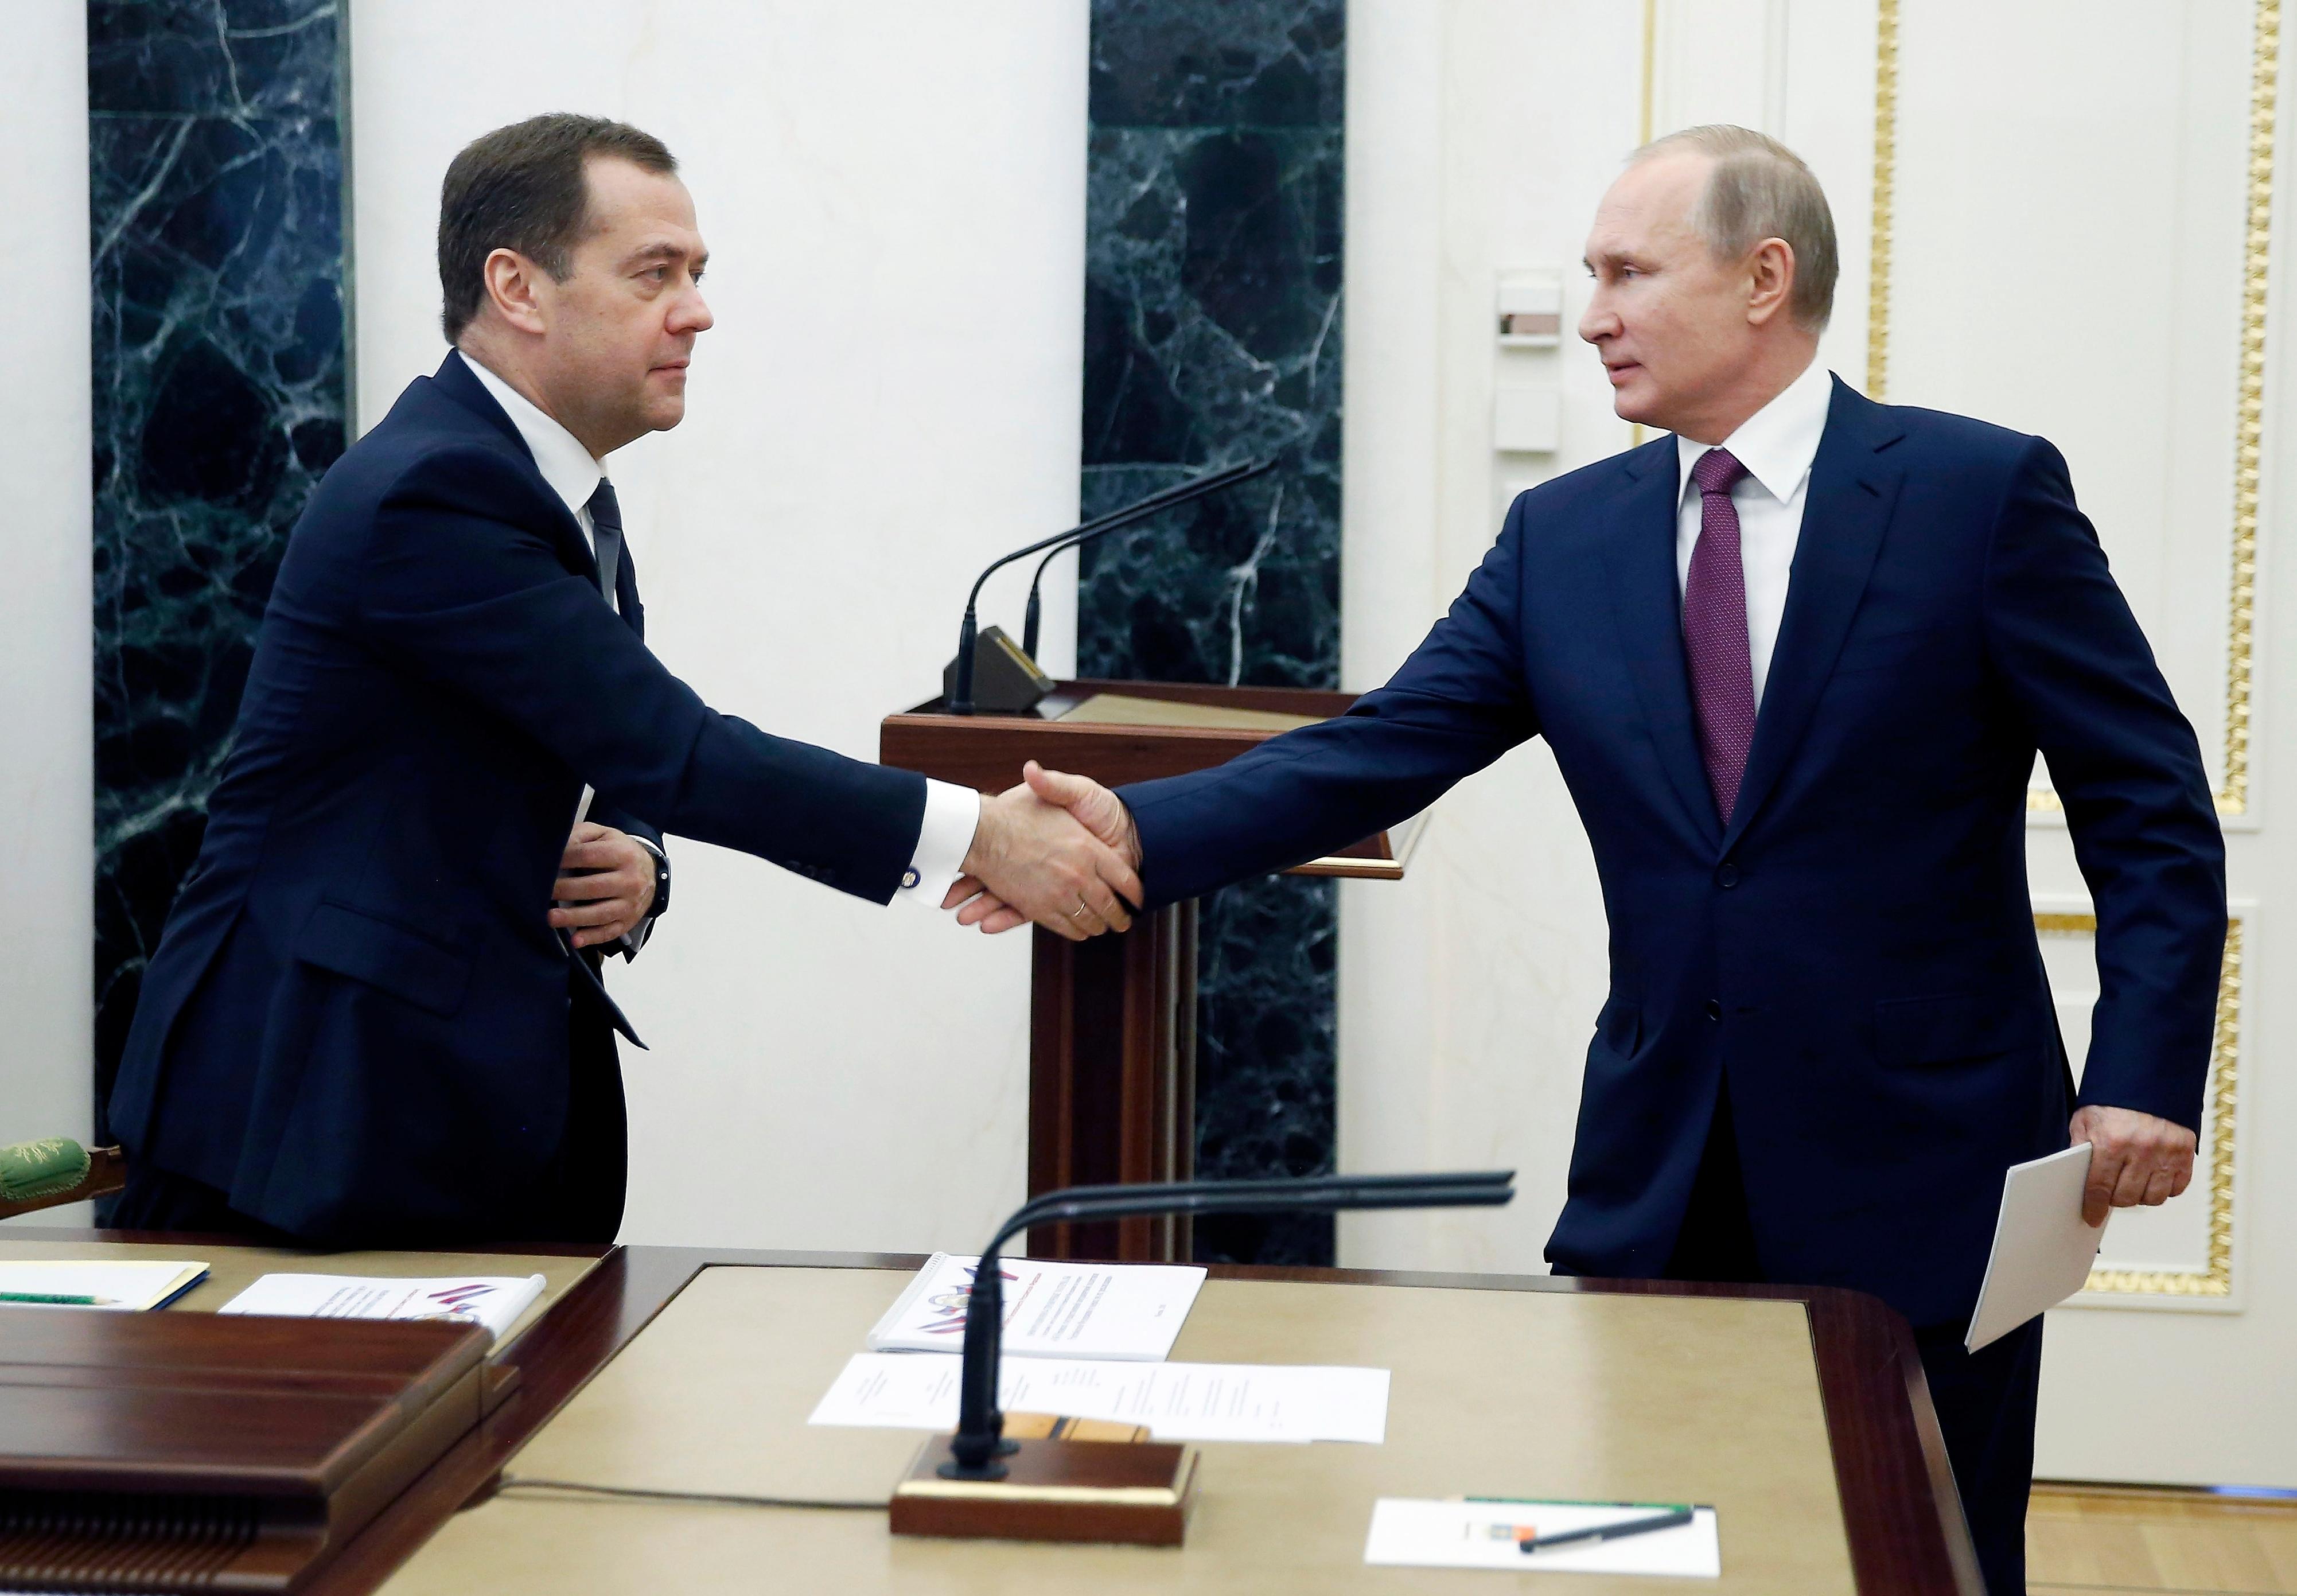 Правителството на Русия подава оставка на 7 май